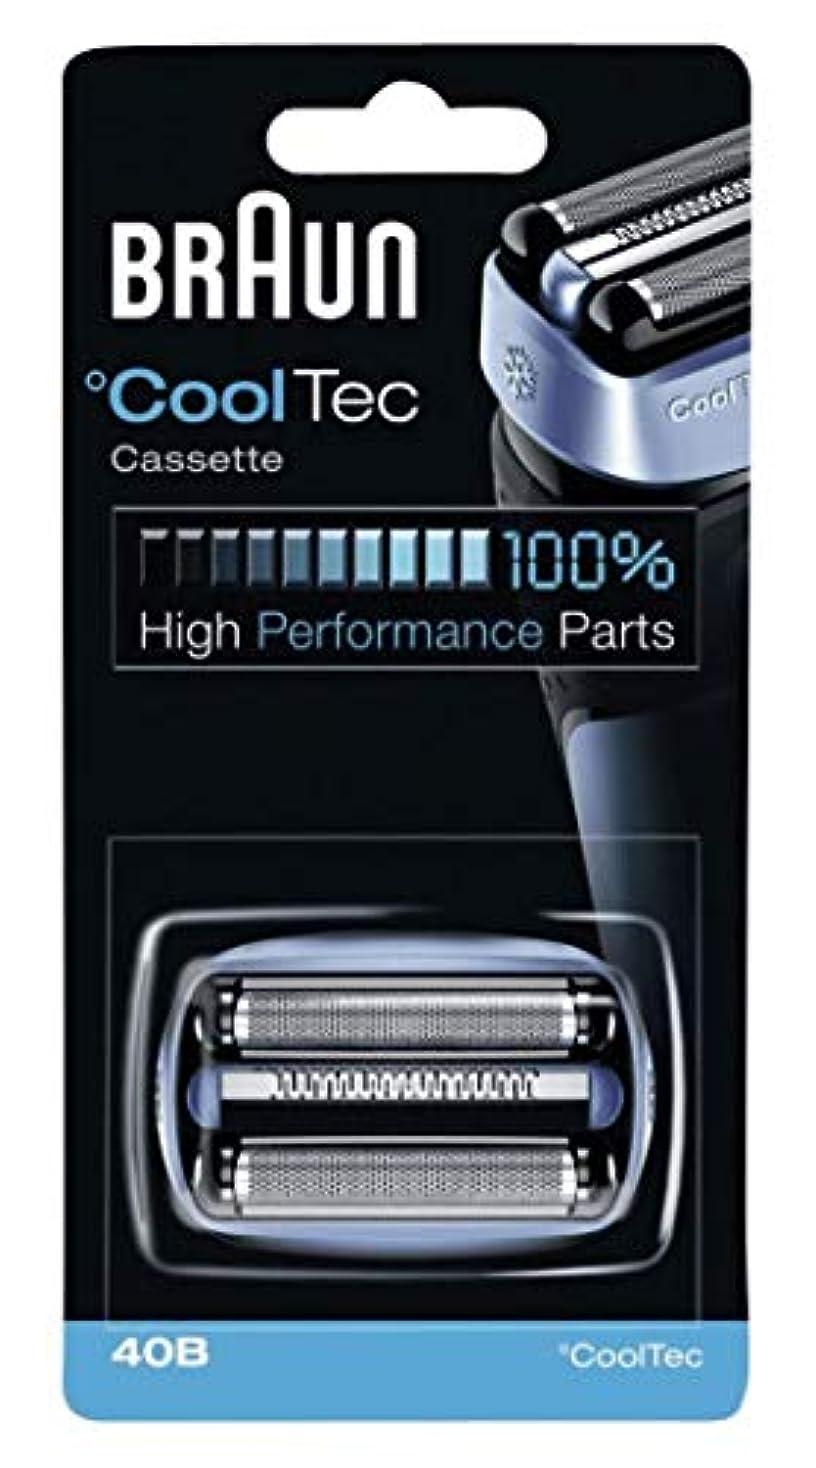 魅惑する表現シンポジウムブラウン シェーバー Cool Tec(クールテック)用 網刃?内刃一体型カセット F/C40B 【並行輸入品】